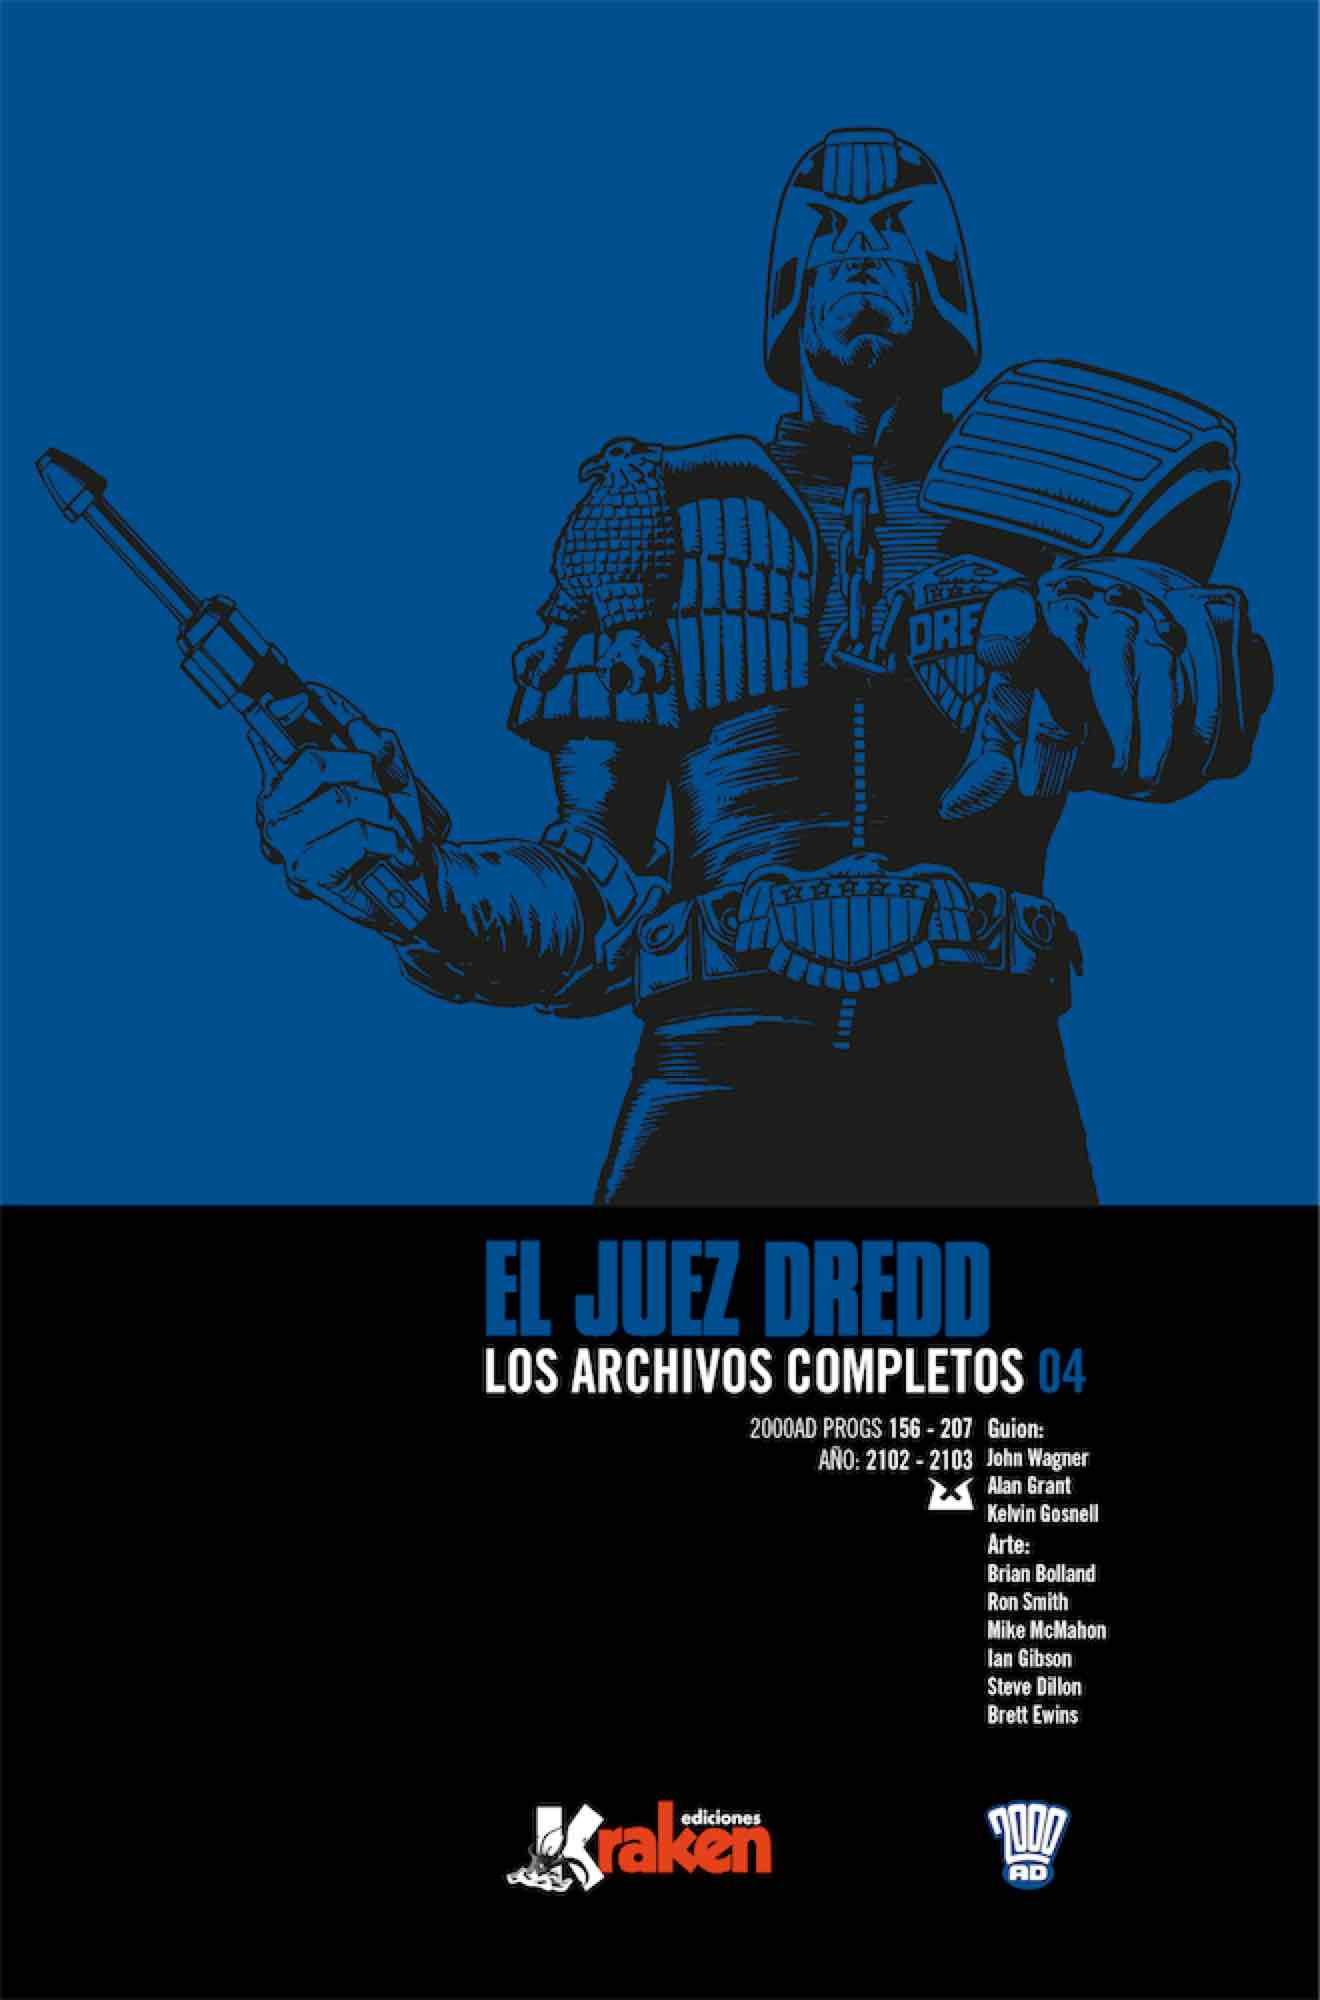 JUEZ DREDD LOS ARCHIVOS COMPLETOS 04 (INTEGRAL)